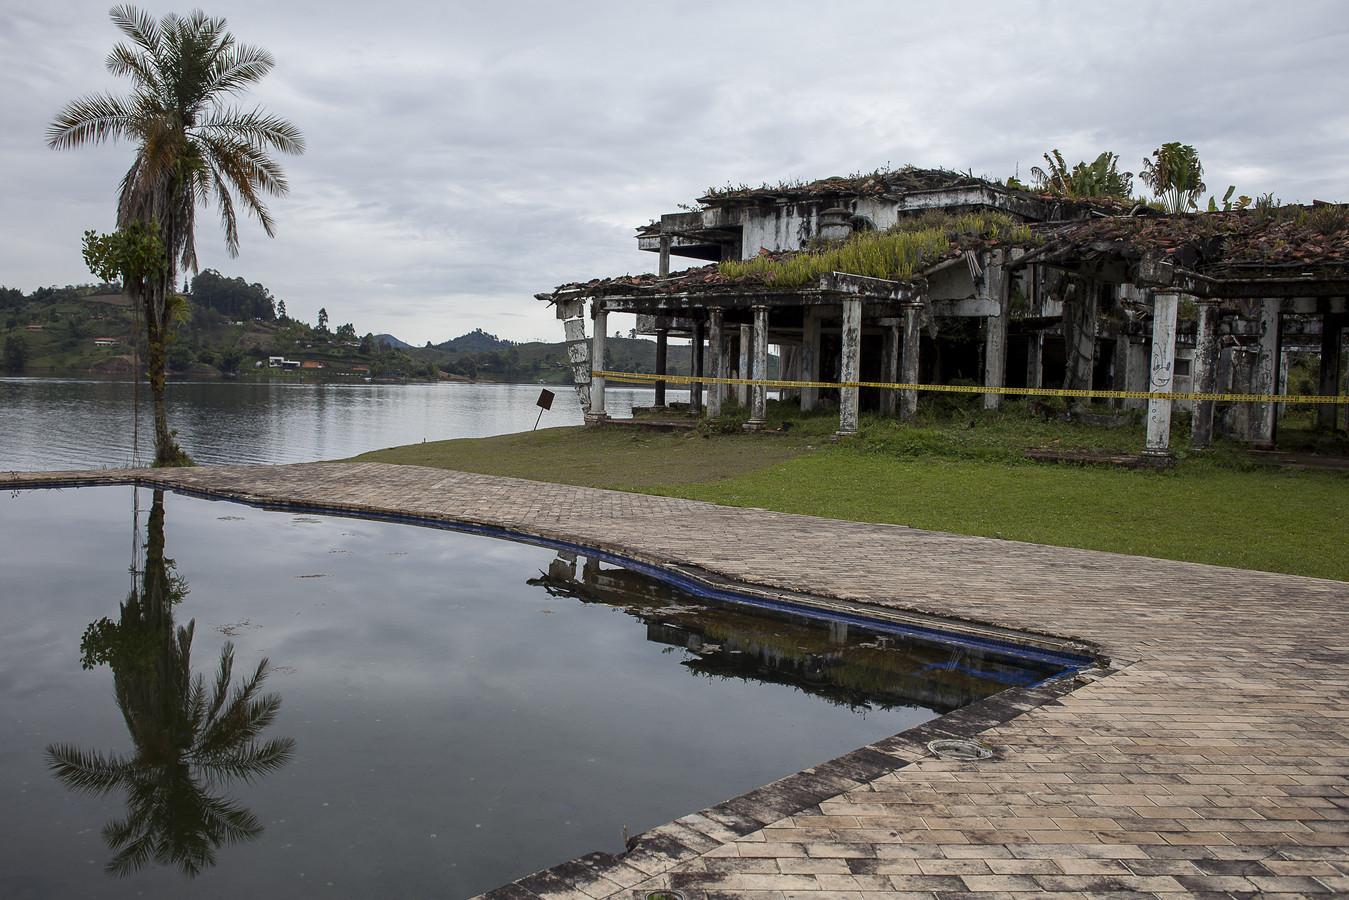 Escobars villa Manuela Ranch in Medellin ligt er verlaten bij.